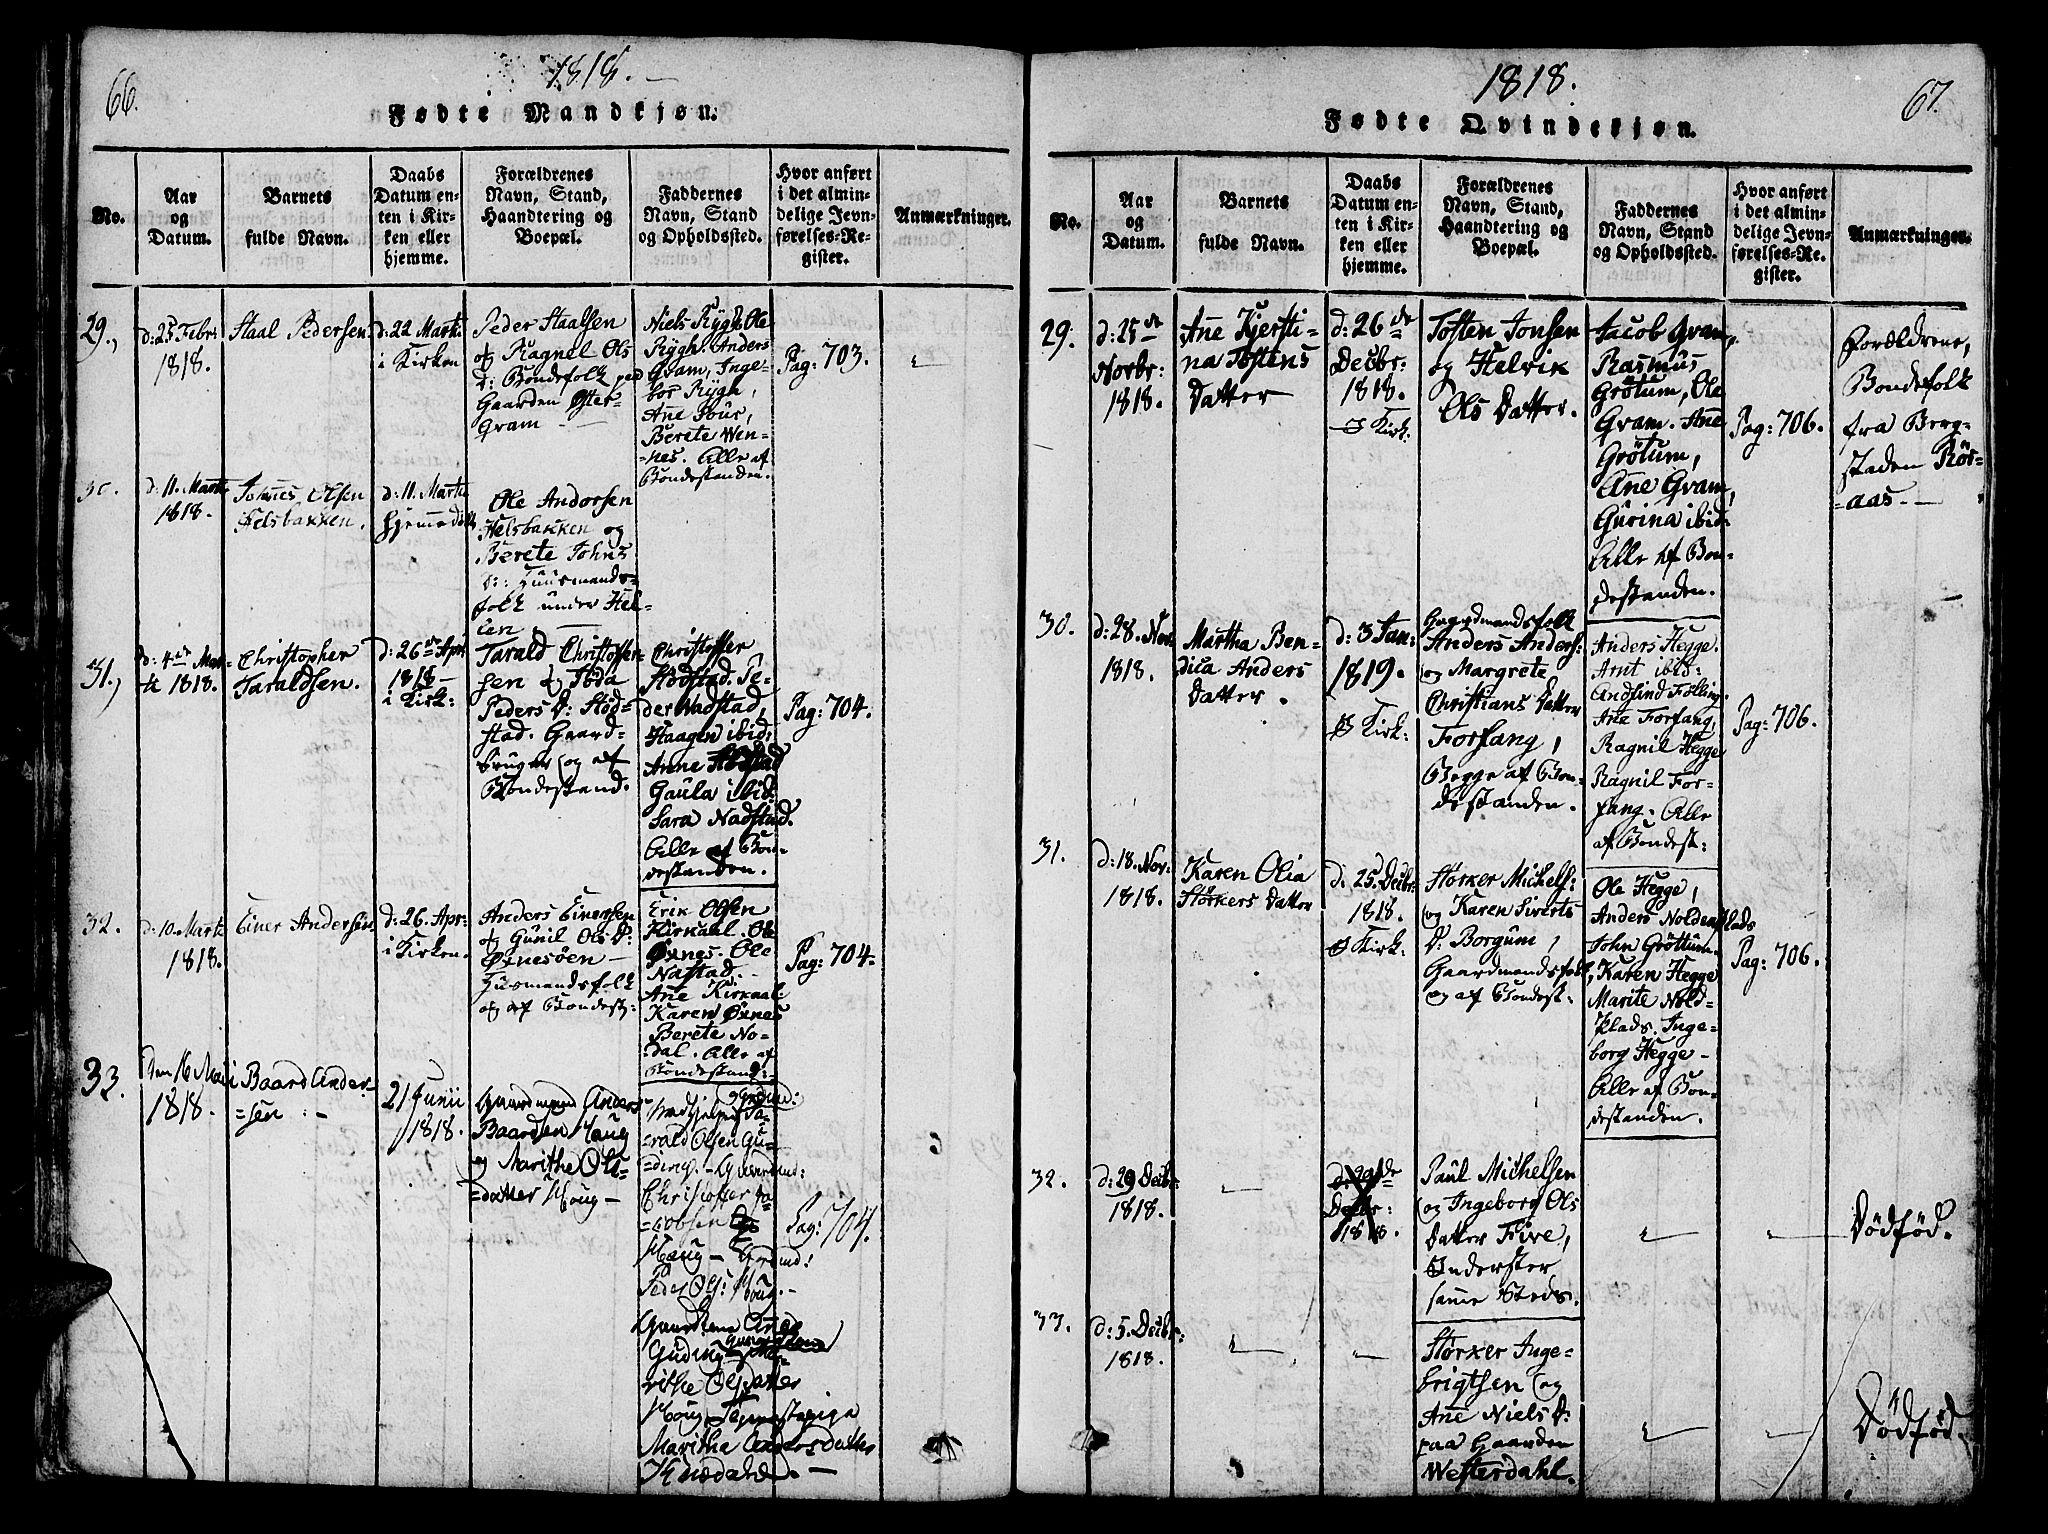 SAT, Ministerialprotokoller, klokkerbøker og fødselsregistre - Nord-Trøndelag, 746/L0441: Ministerialbok nr. 746A03 /2, 1816-1827, s. 66-67